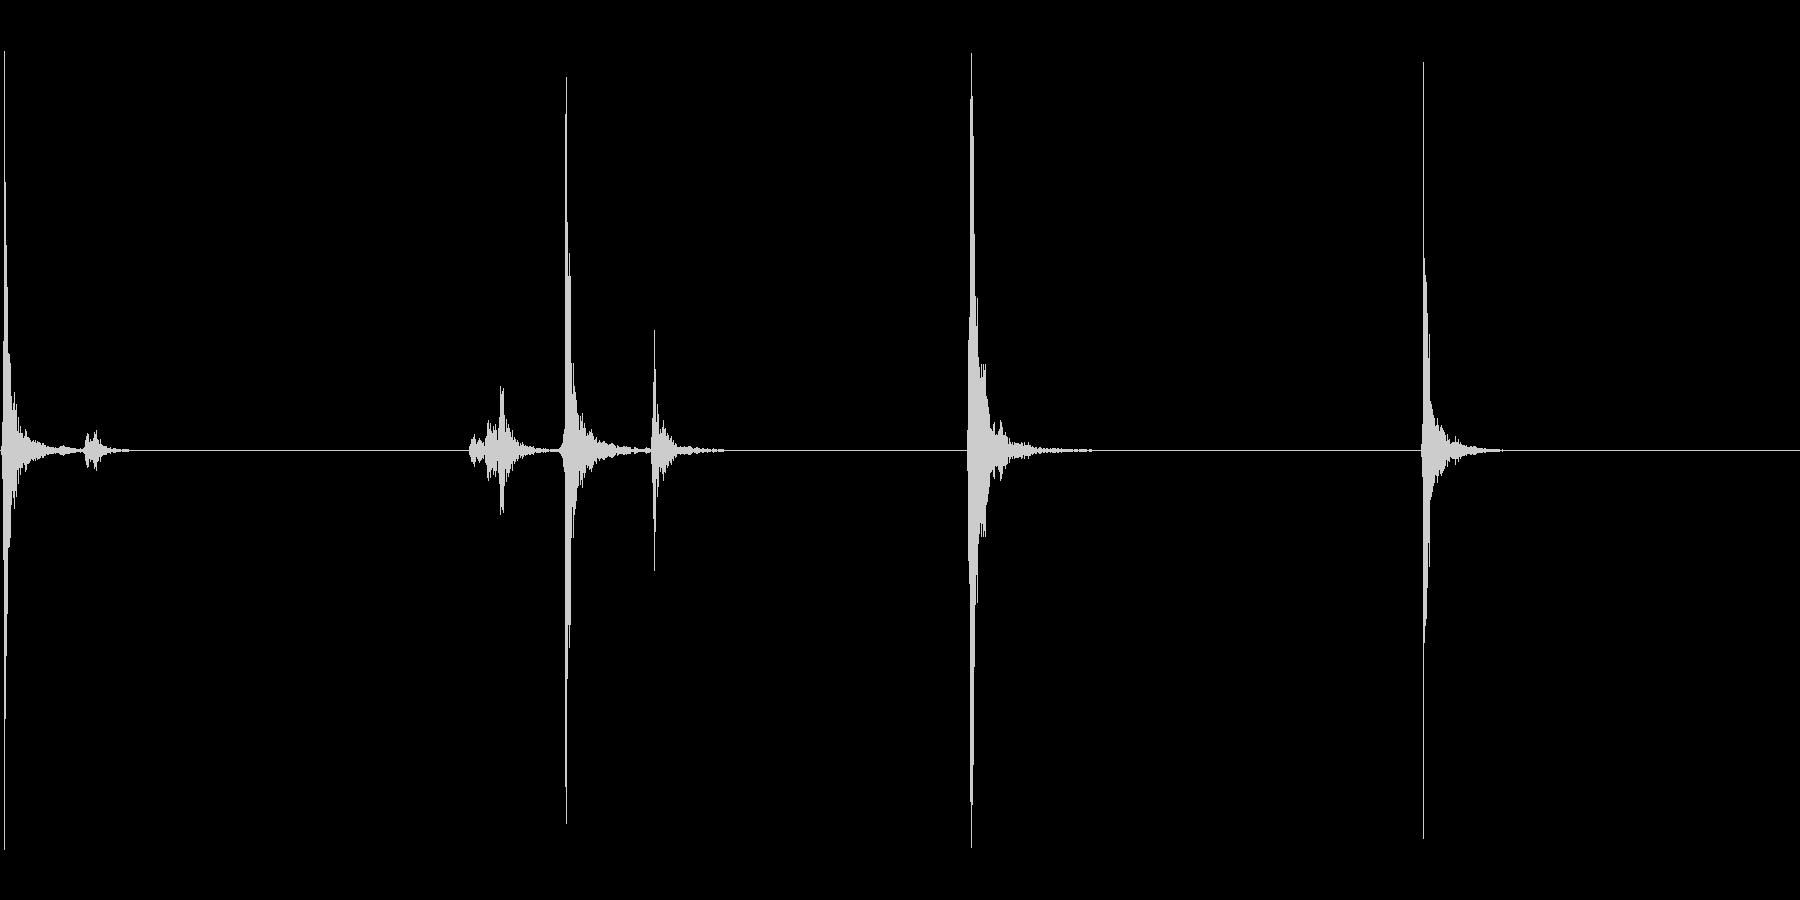 ラジカセのボタンを押す音の未再生の波形